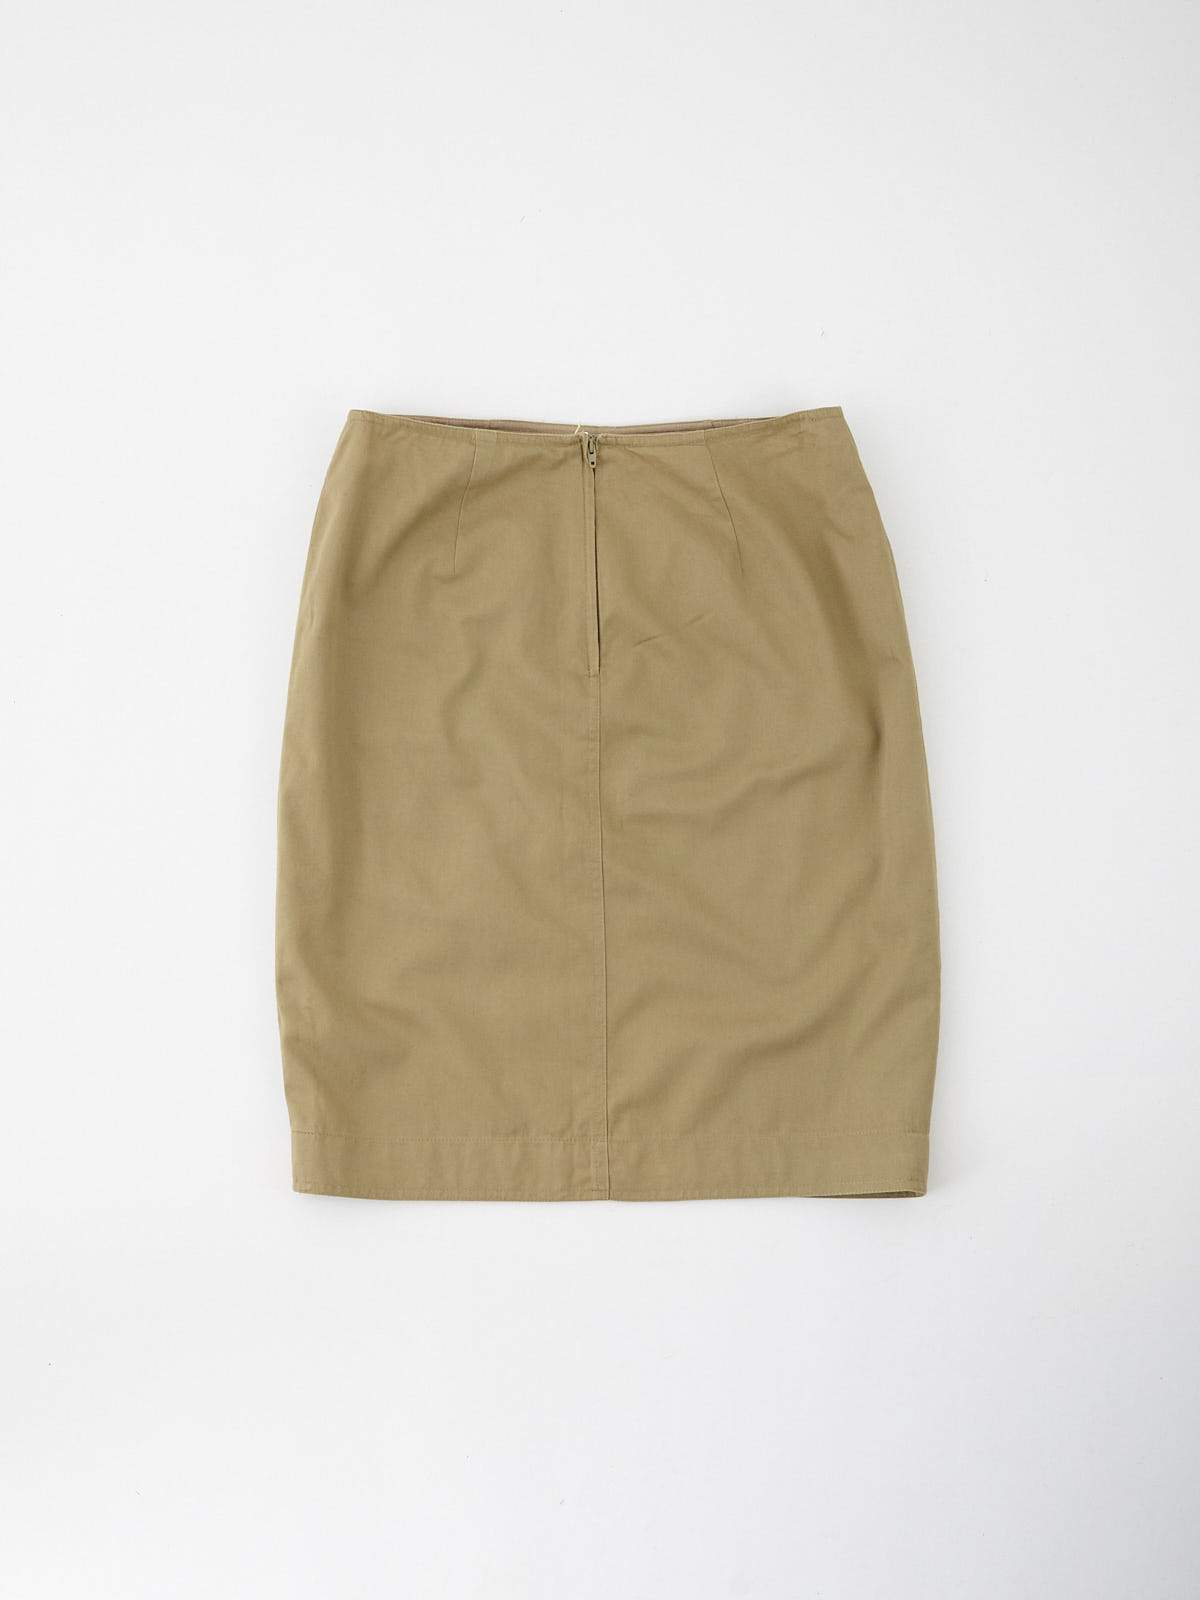 The Level Summer Skirt